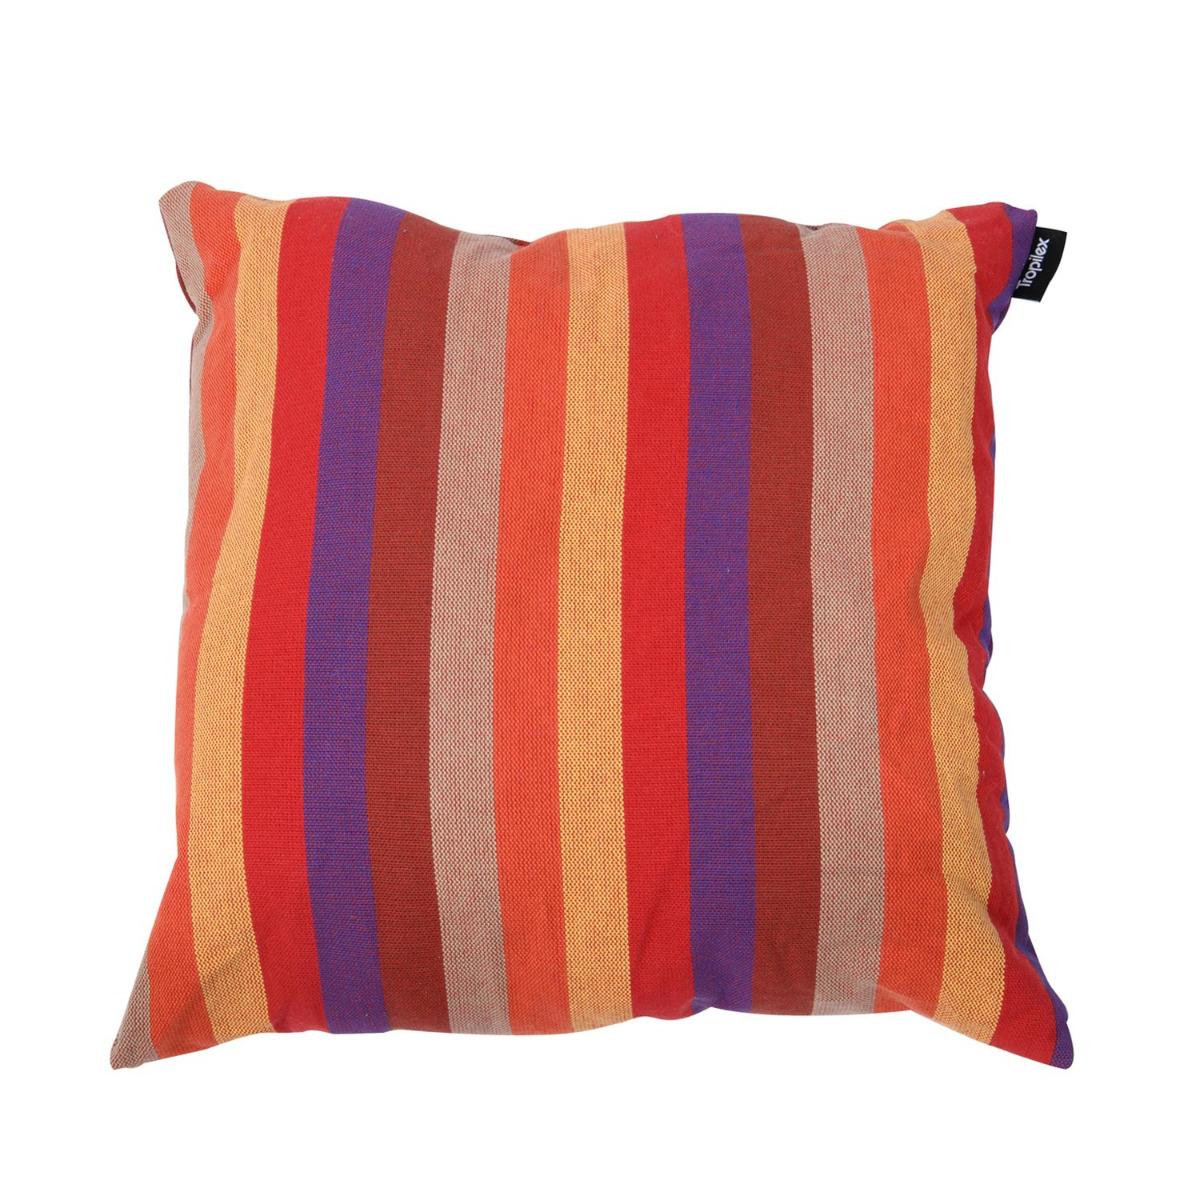 'Stripes' Tropiese Kussentje - Veelkleurig - Tropilex �